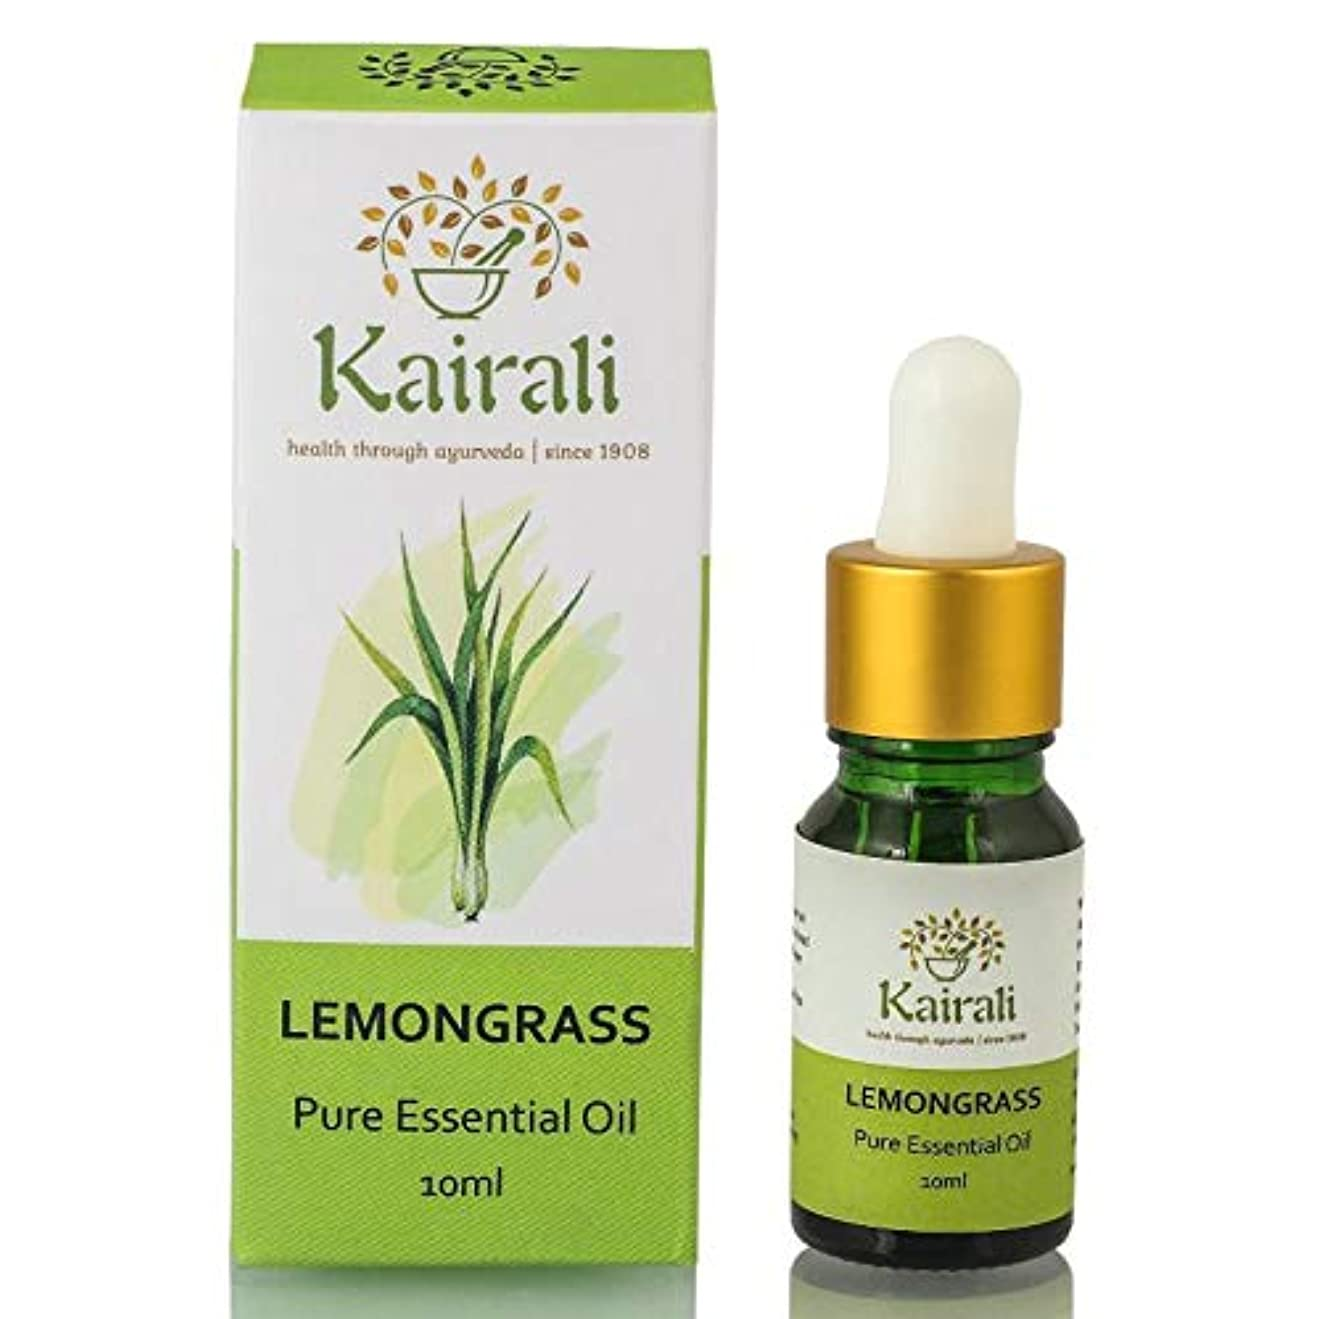 関係可能にするもう一度カイラリ エッセンシャルオイル レモングラス 10ml(天然100%精油)Kairali アロマオイル